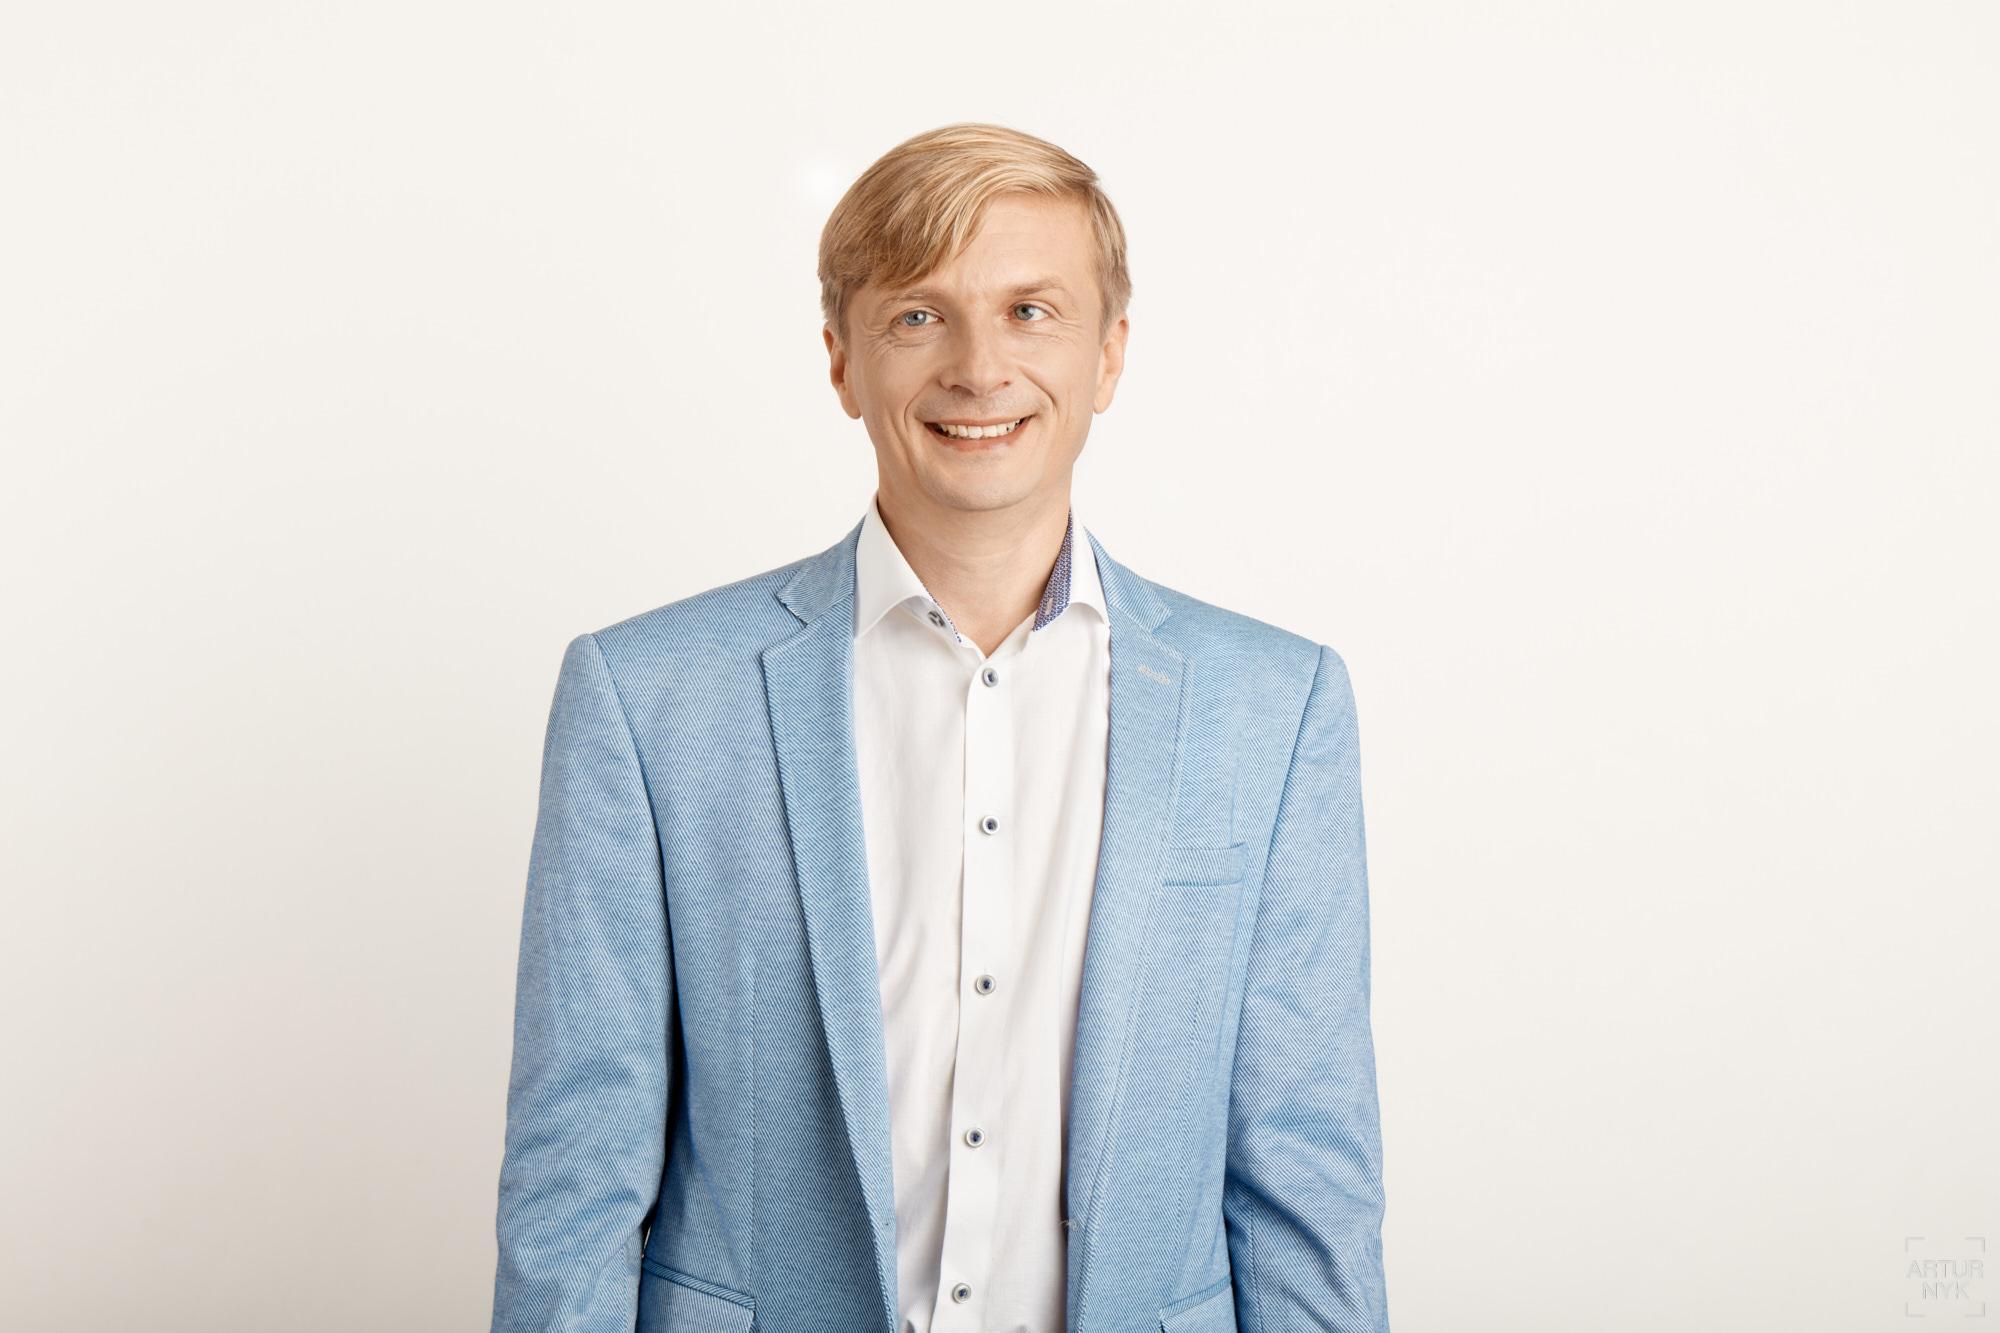 DR. Marek Wasiluk Msc Aesthetic Medicine MBA